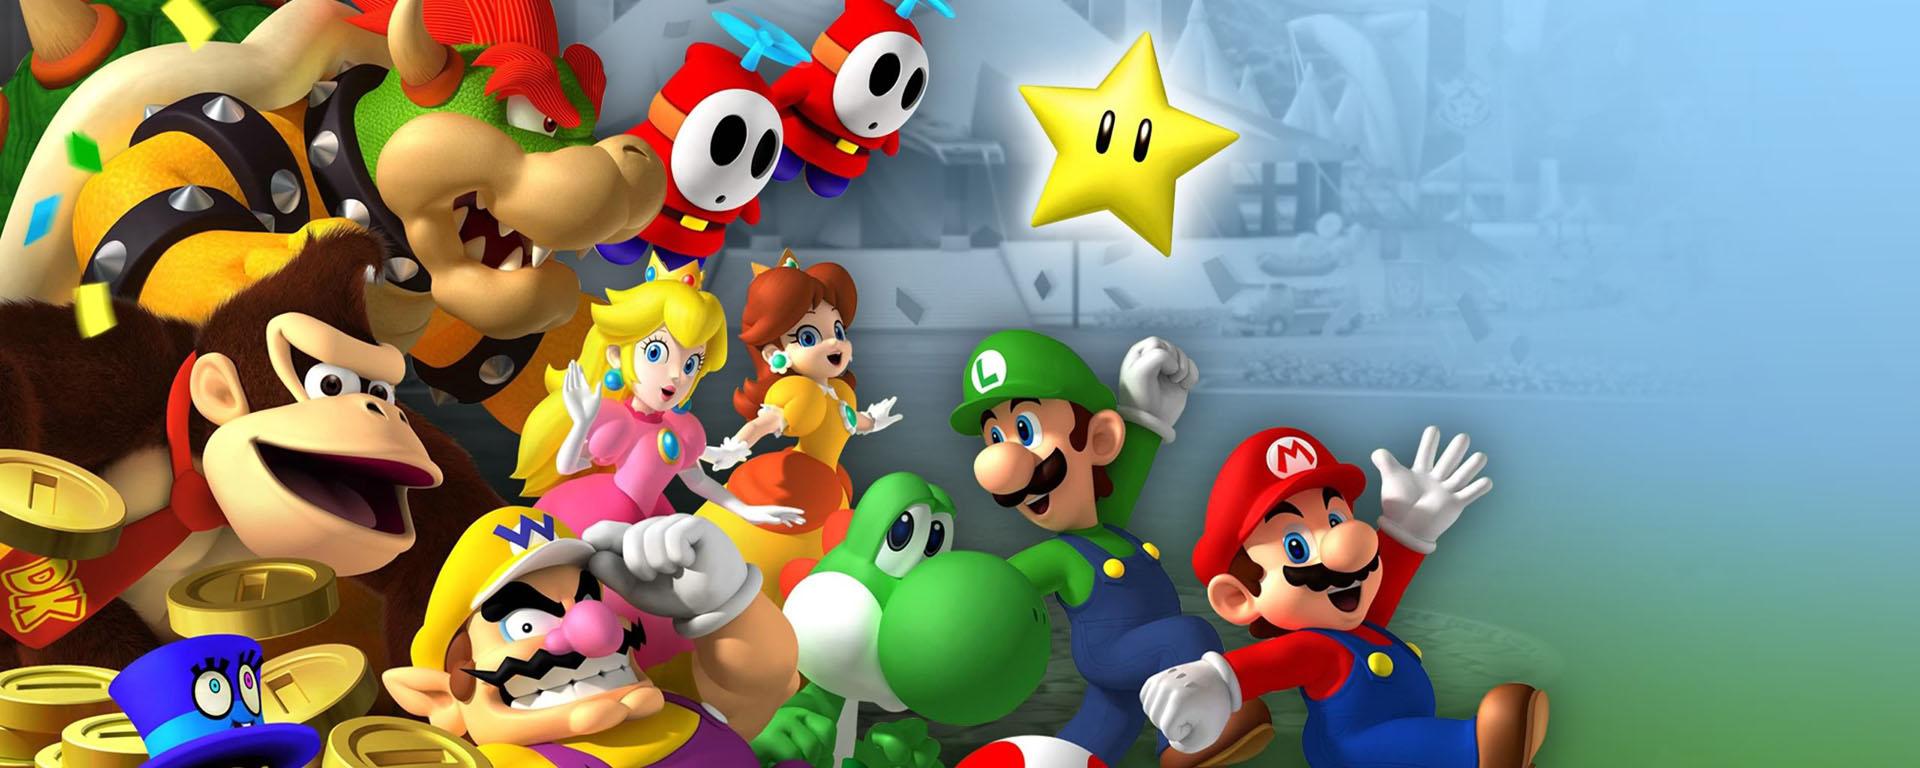 Mario Party Dual Screen